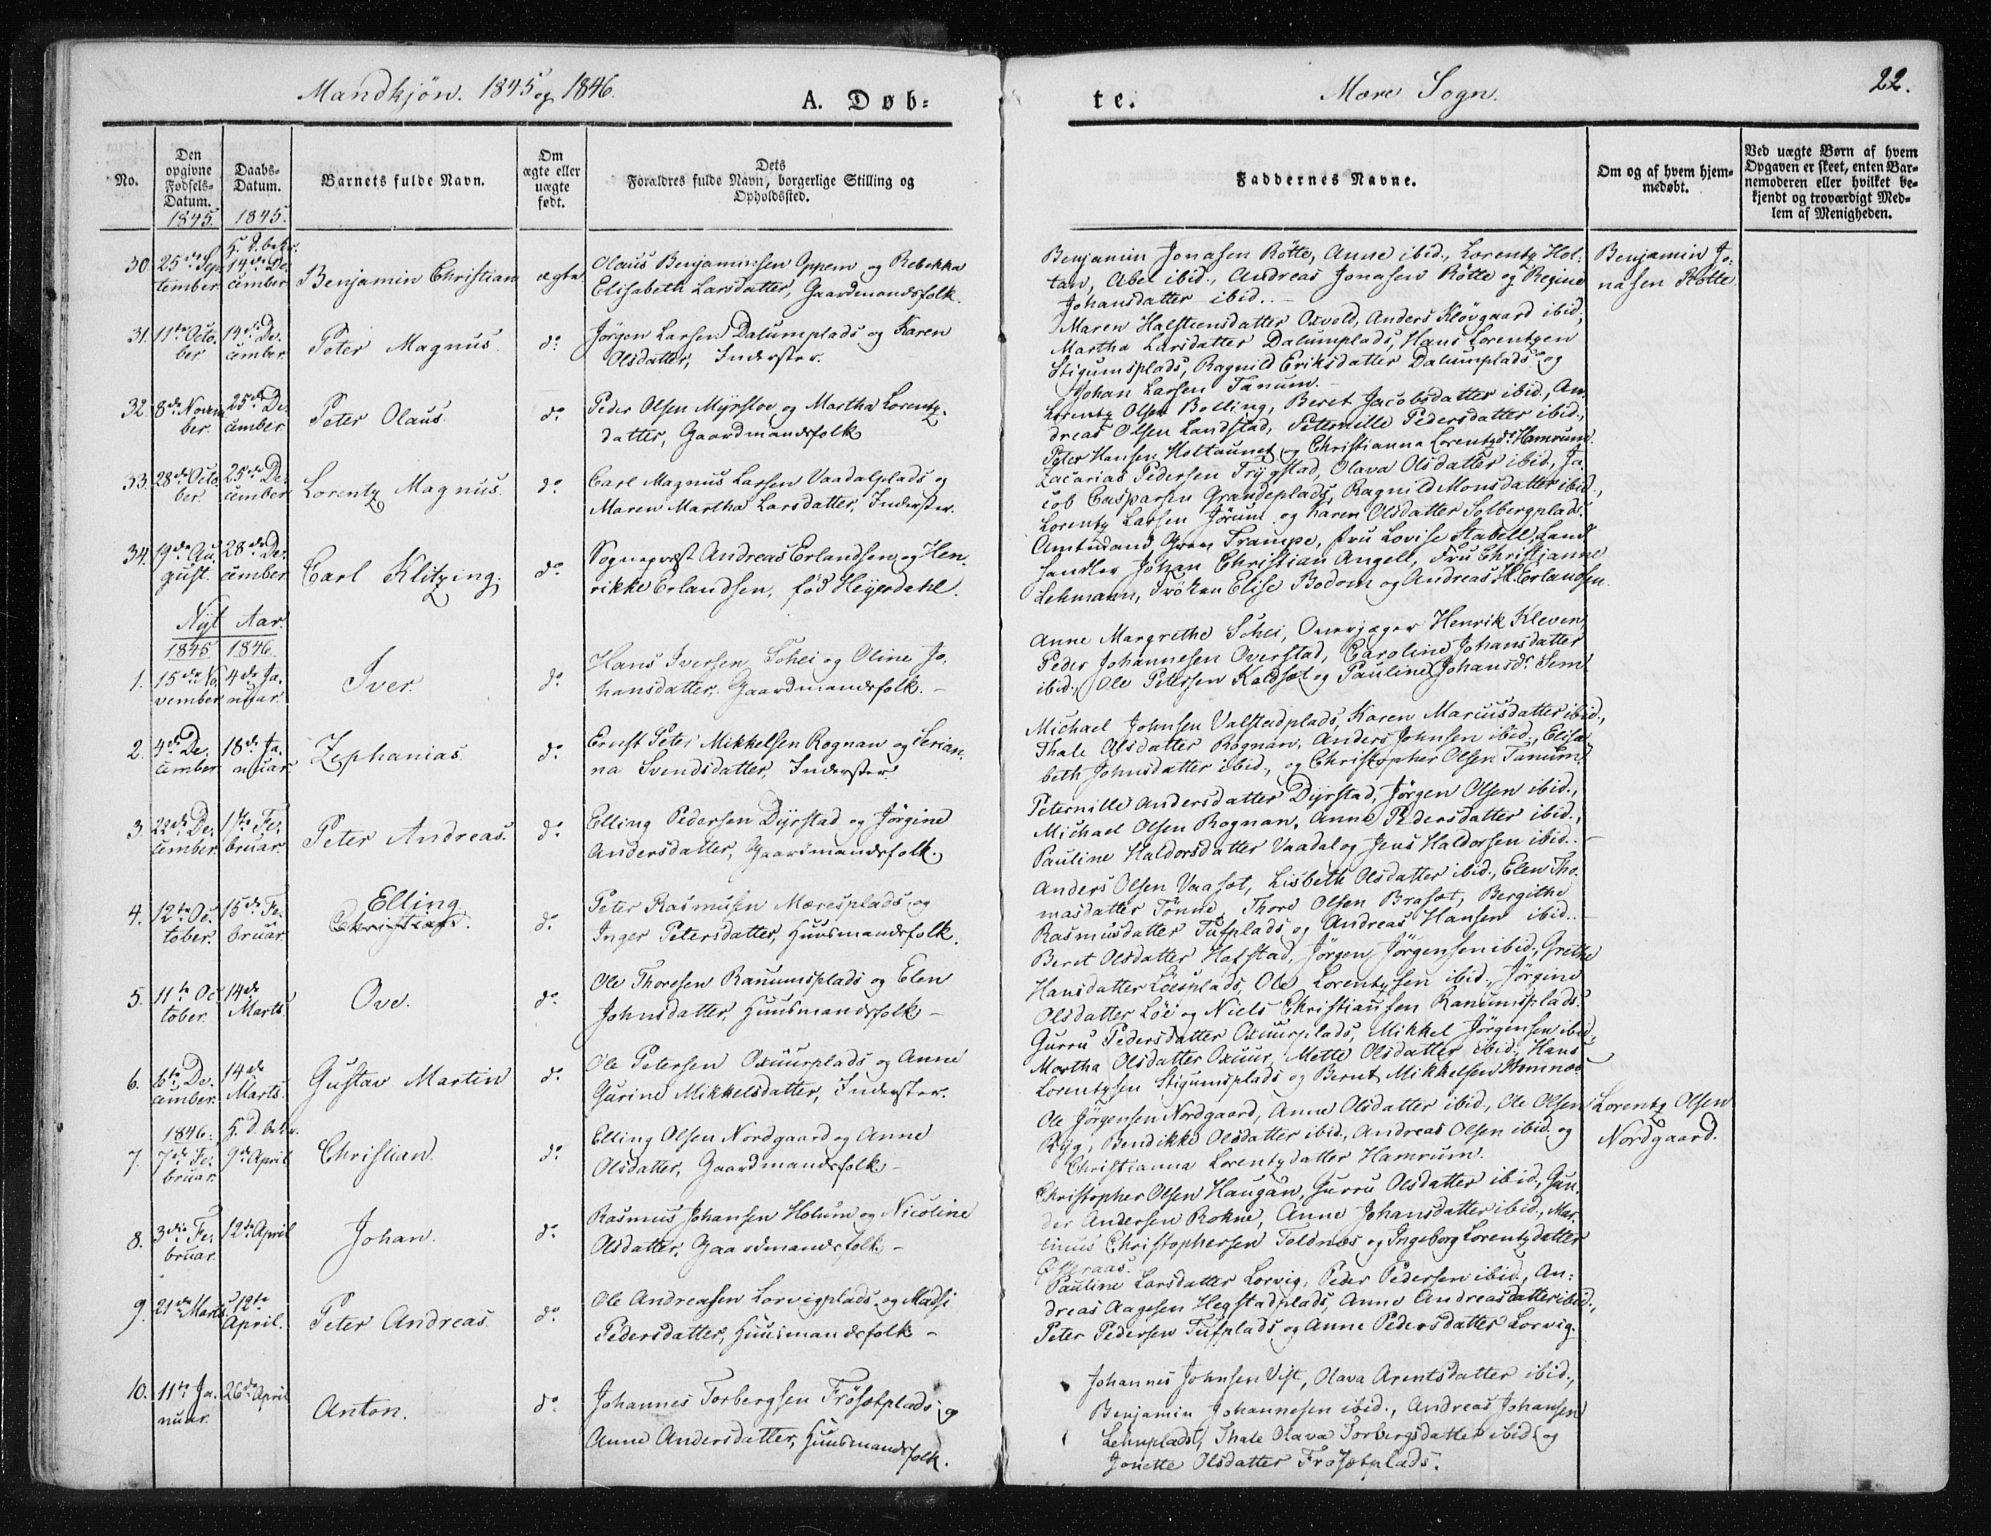 SAT, Ministerialprotokoller, klokkerbøker og fødselsregistre - Nord-Trøndelag, 735/L0339: Ministerialbok nr. 735A06 /1, 1836-1848, s. 22